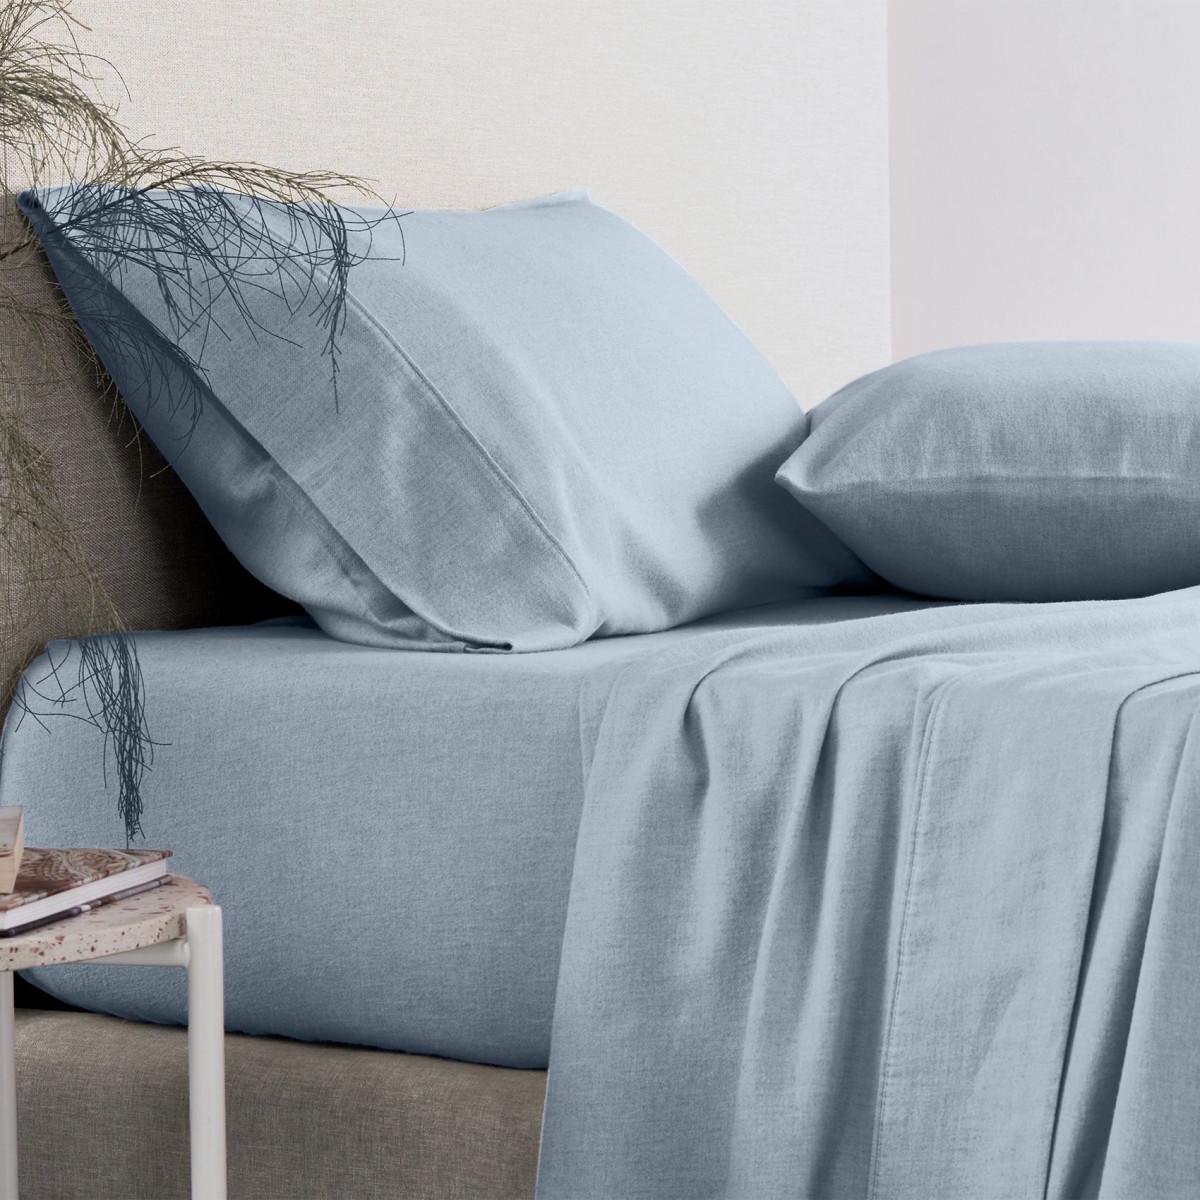 SHERIDAN 绒布床单套装